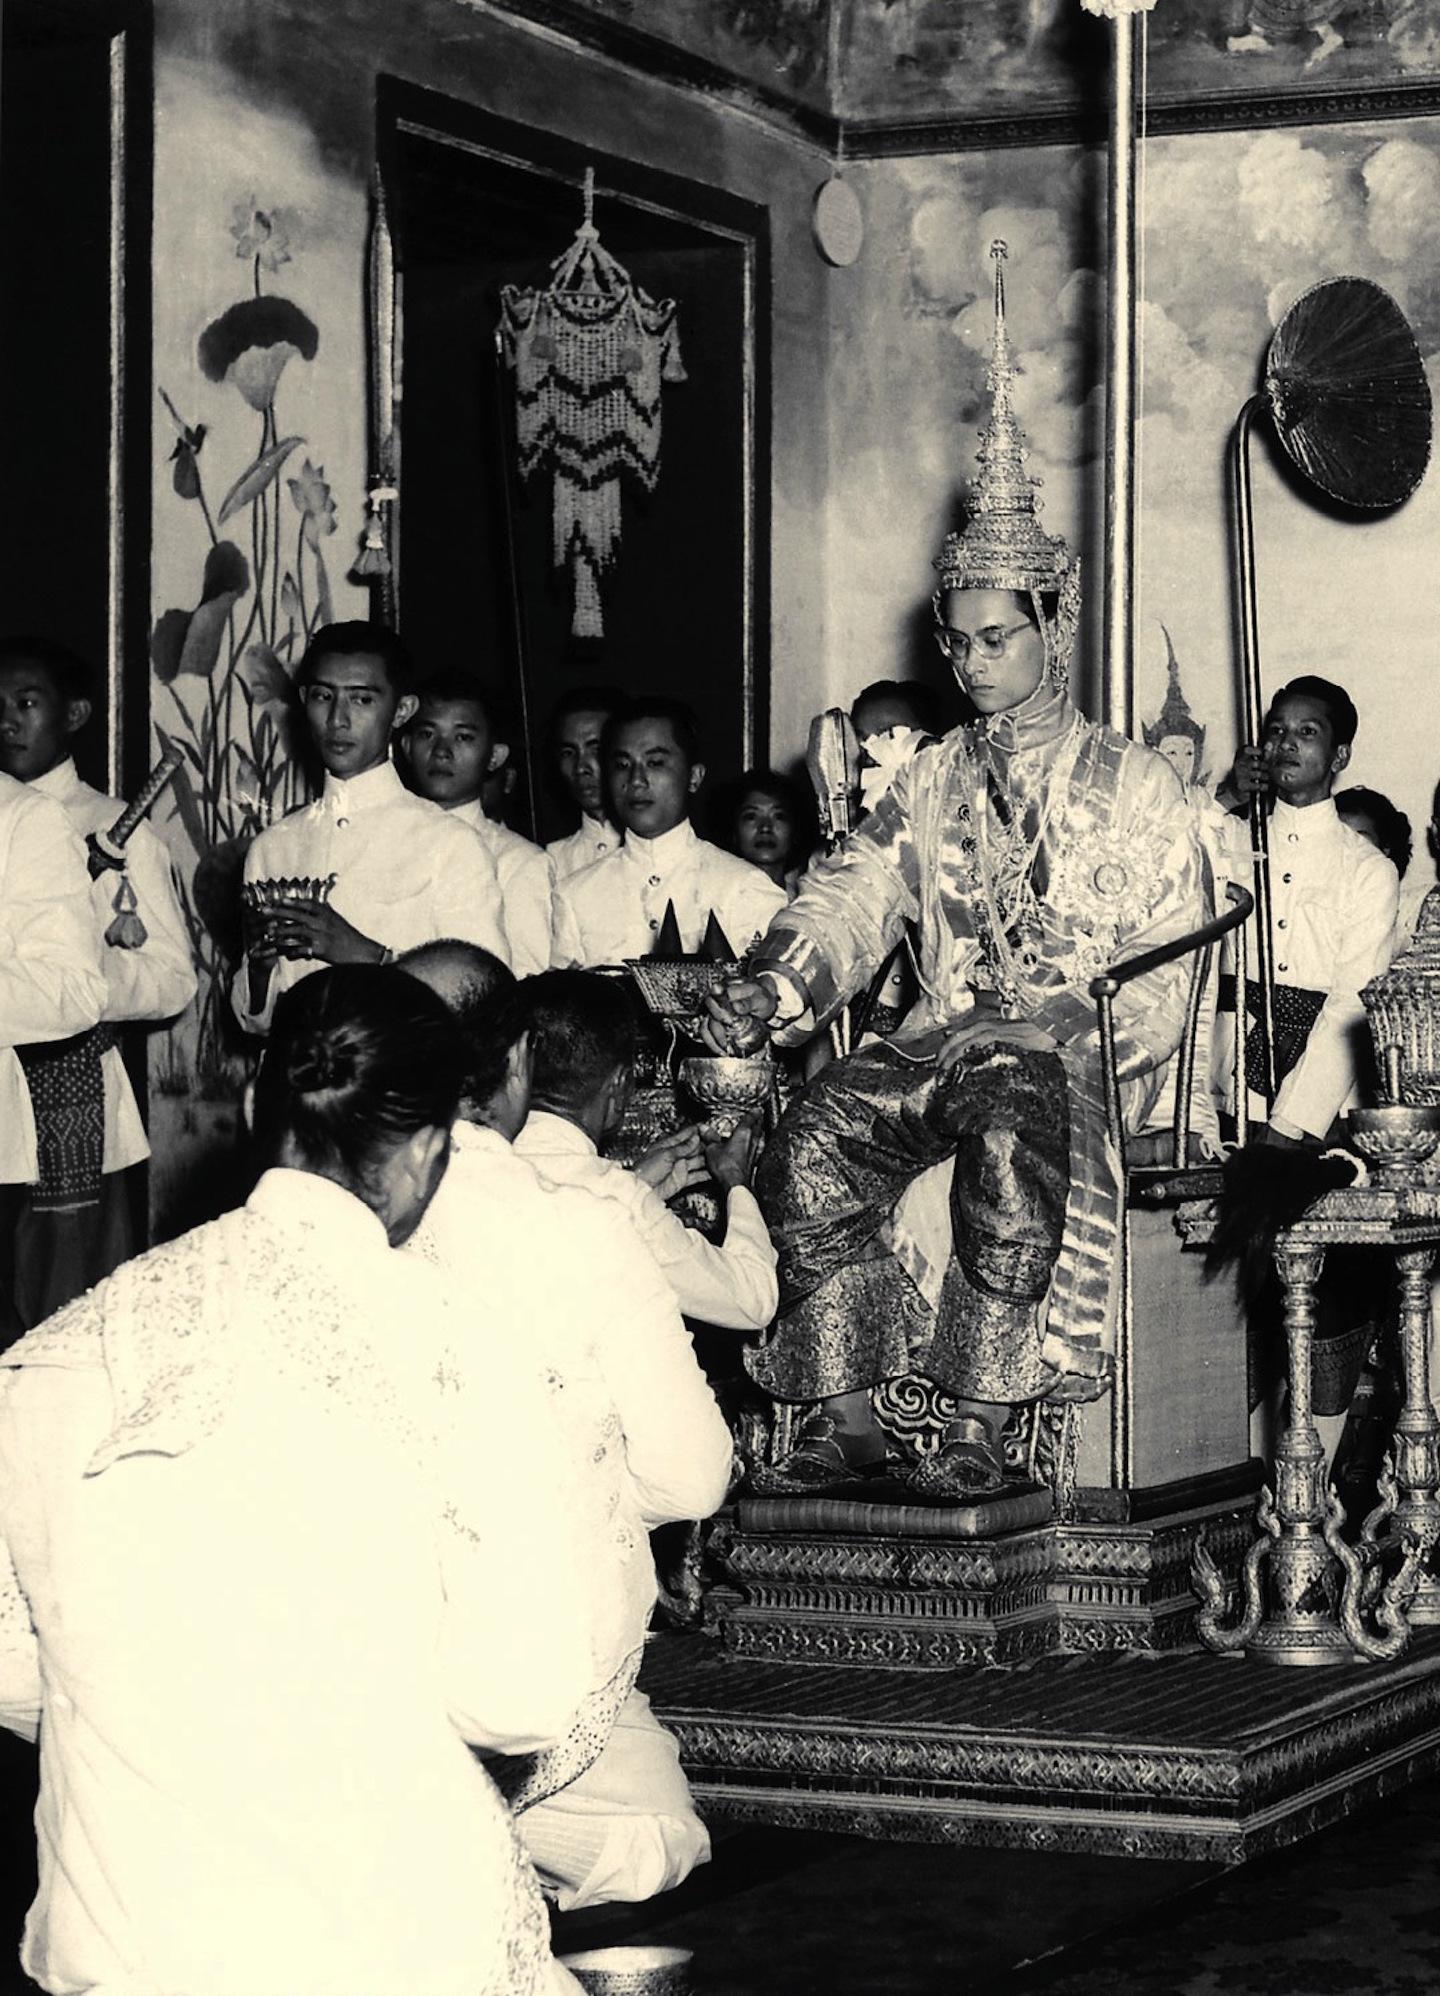 Bhumibol Adulyadej se voit présenter les regalia au palais lors de son couronnement, le 5 mai 1950. Il prend alors le nom de Rama IX